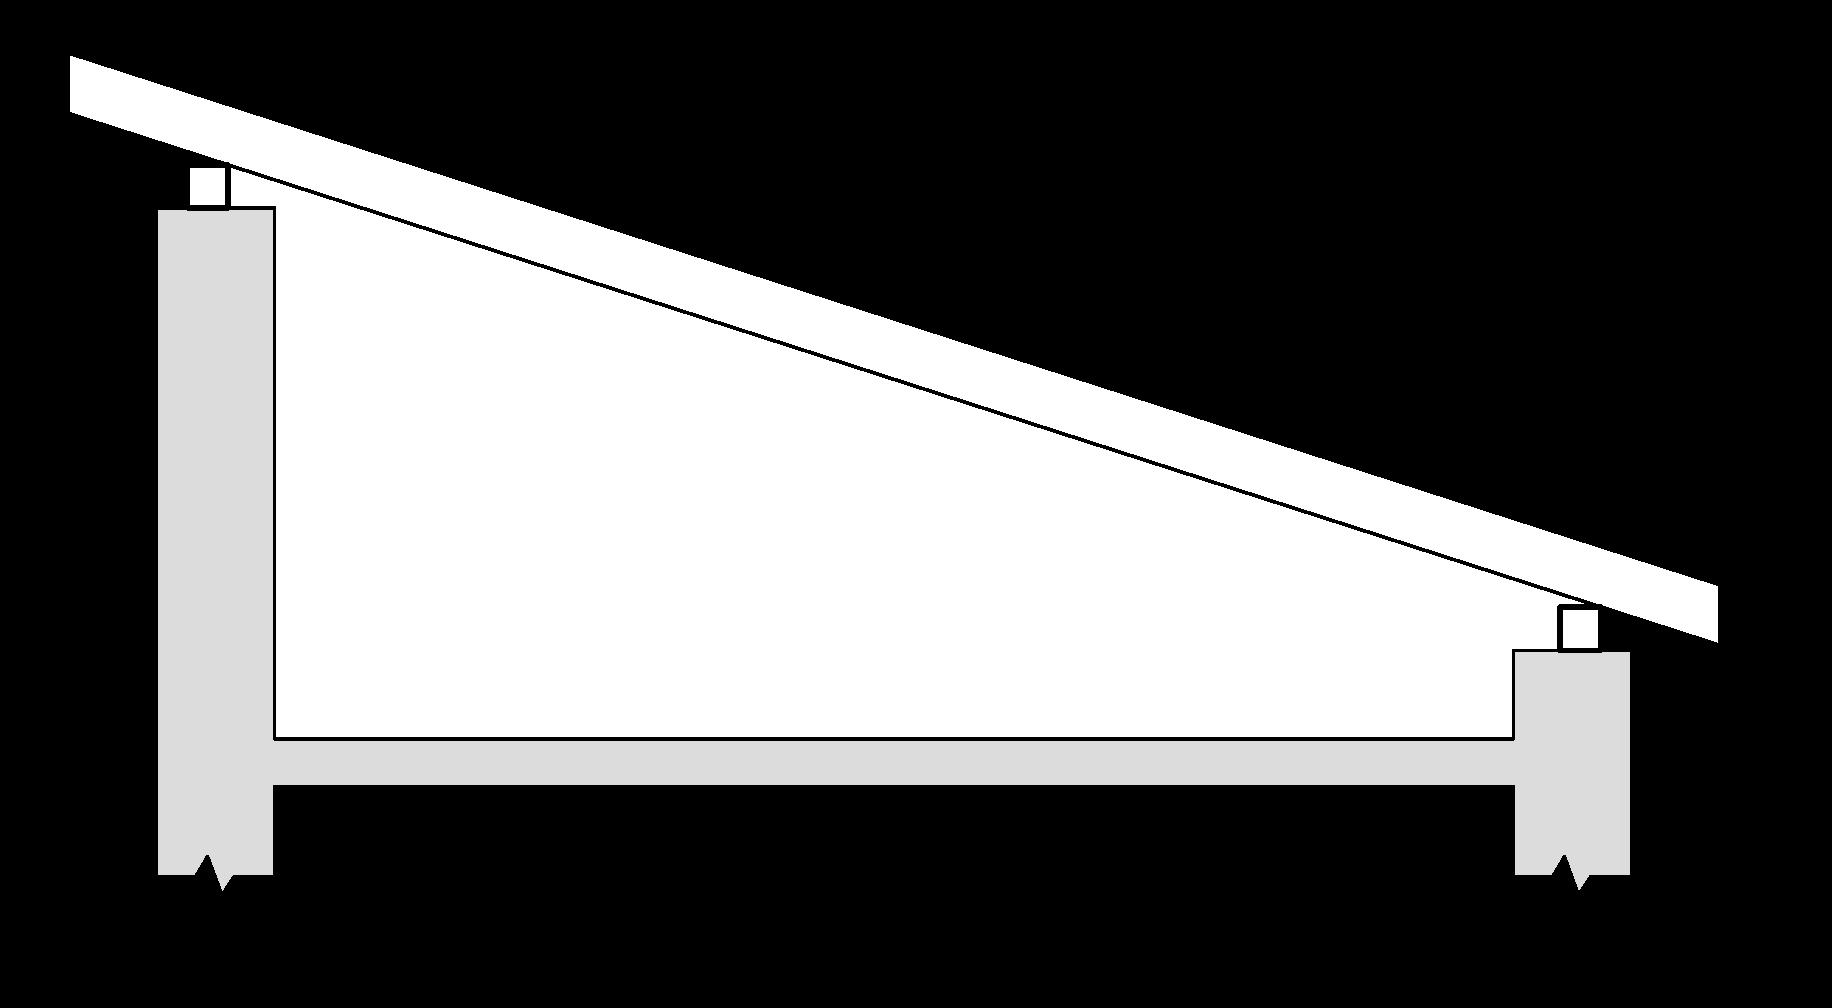 Jednoducha-pultova-strecha-nakres